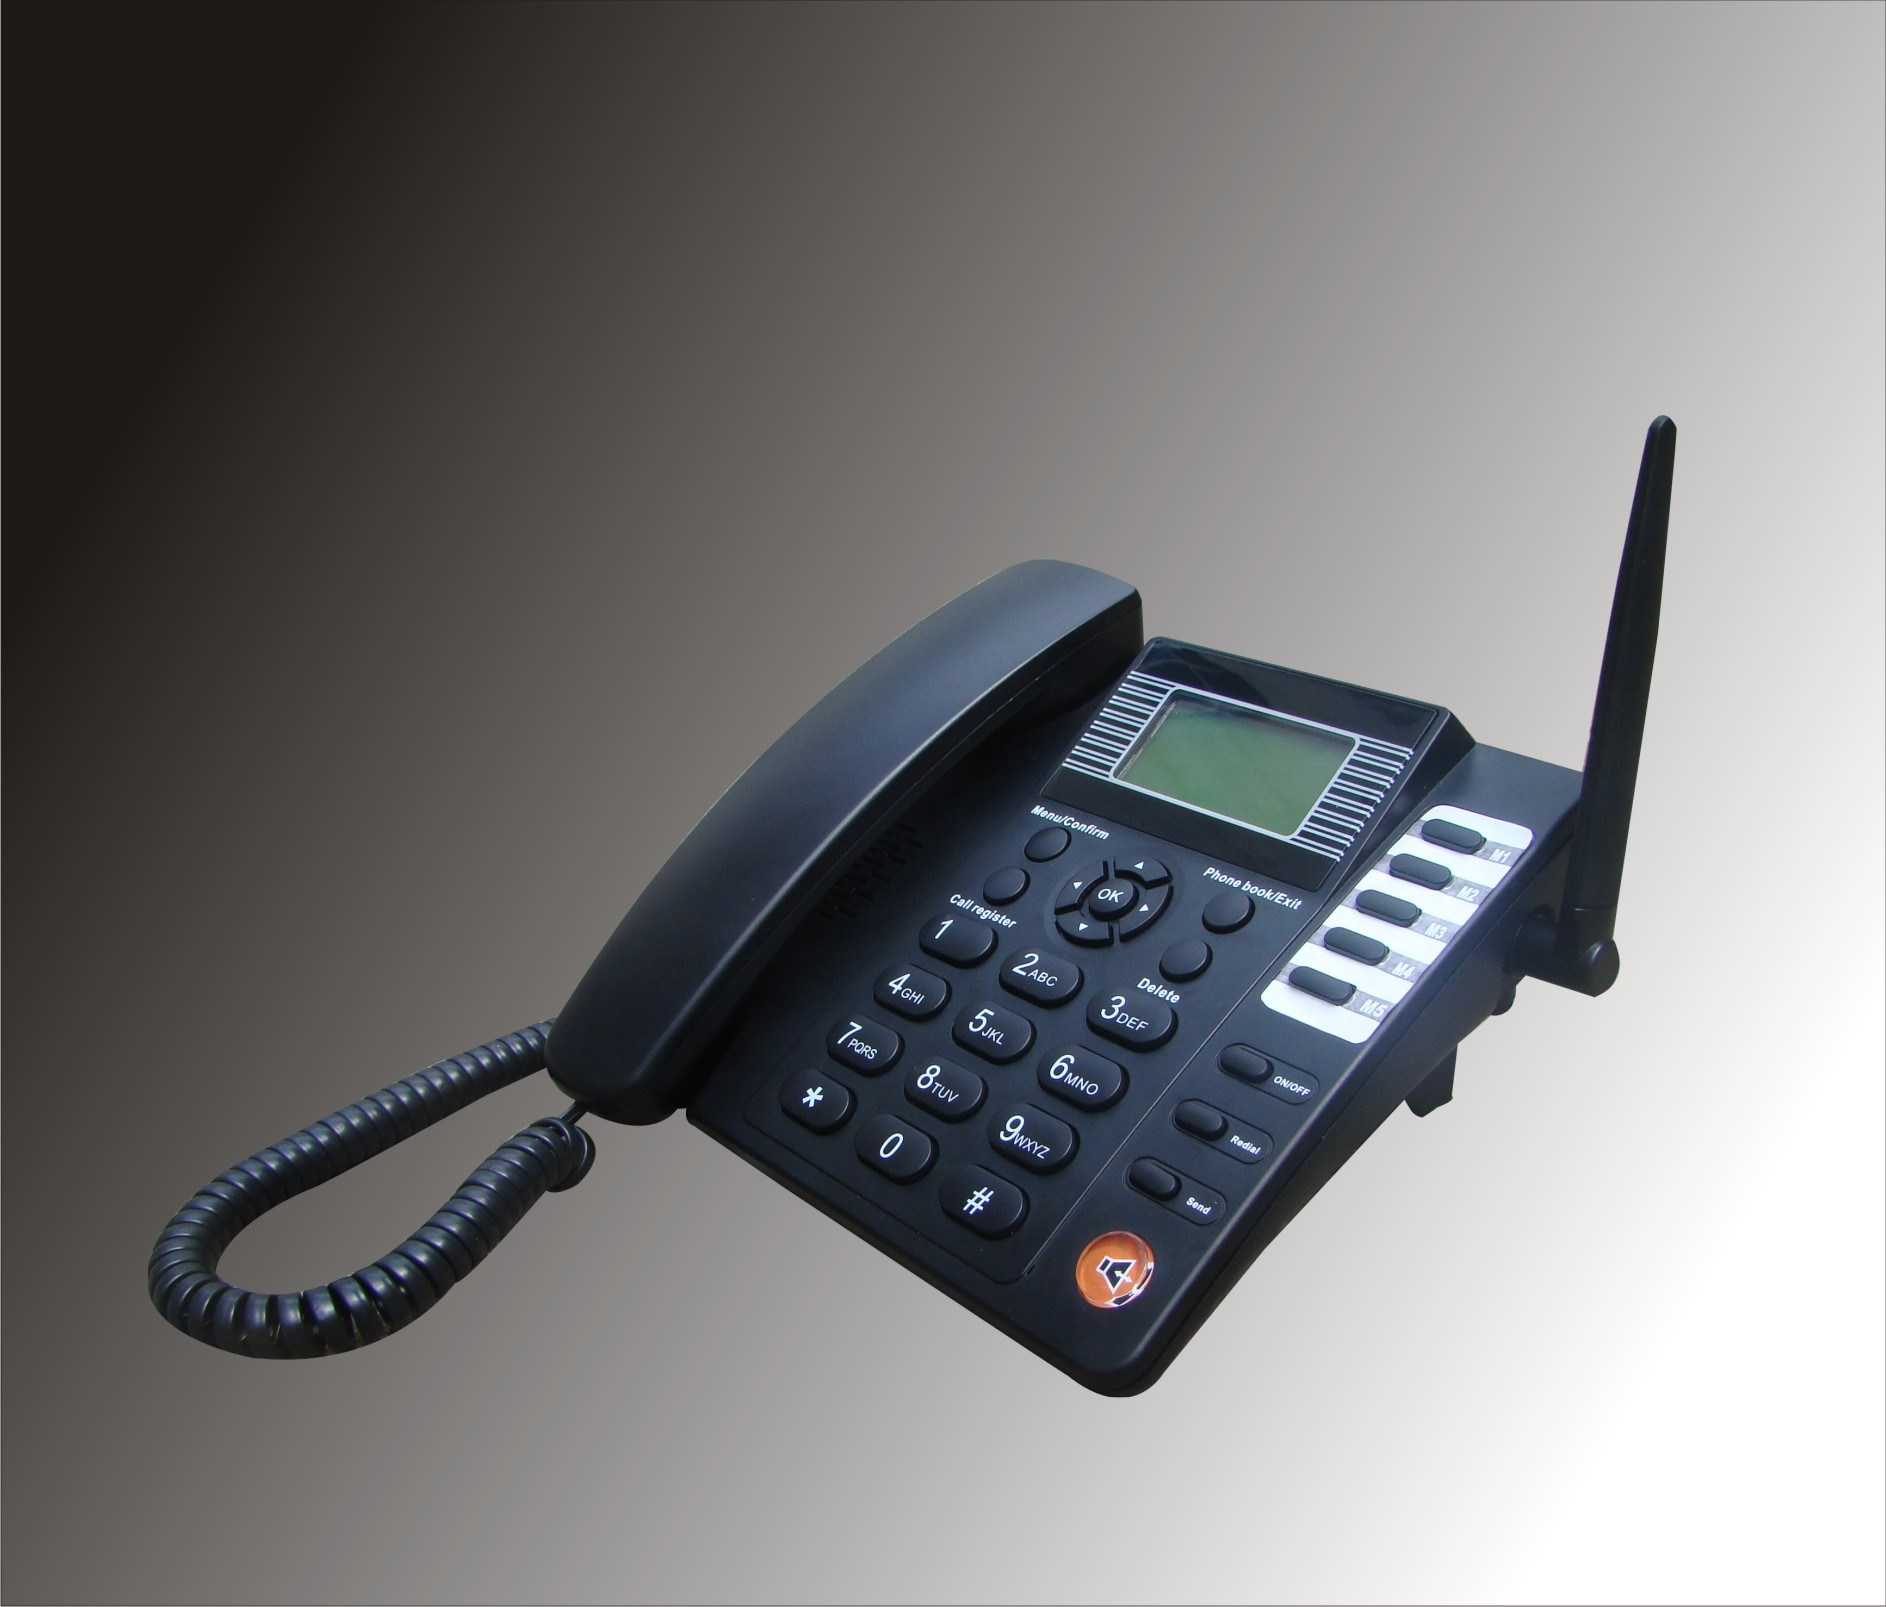 t l phone d 39 appareil de bureau de gm m t l phone d 39 appareil de bureau de gm m fournis par. Black Bedroom Furniture Sets. Home Design Ideas